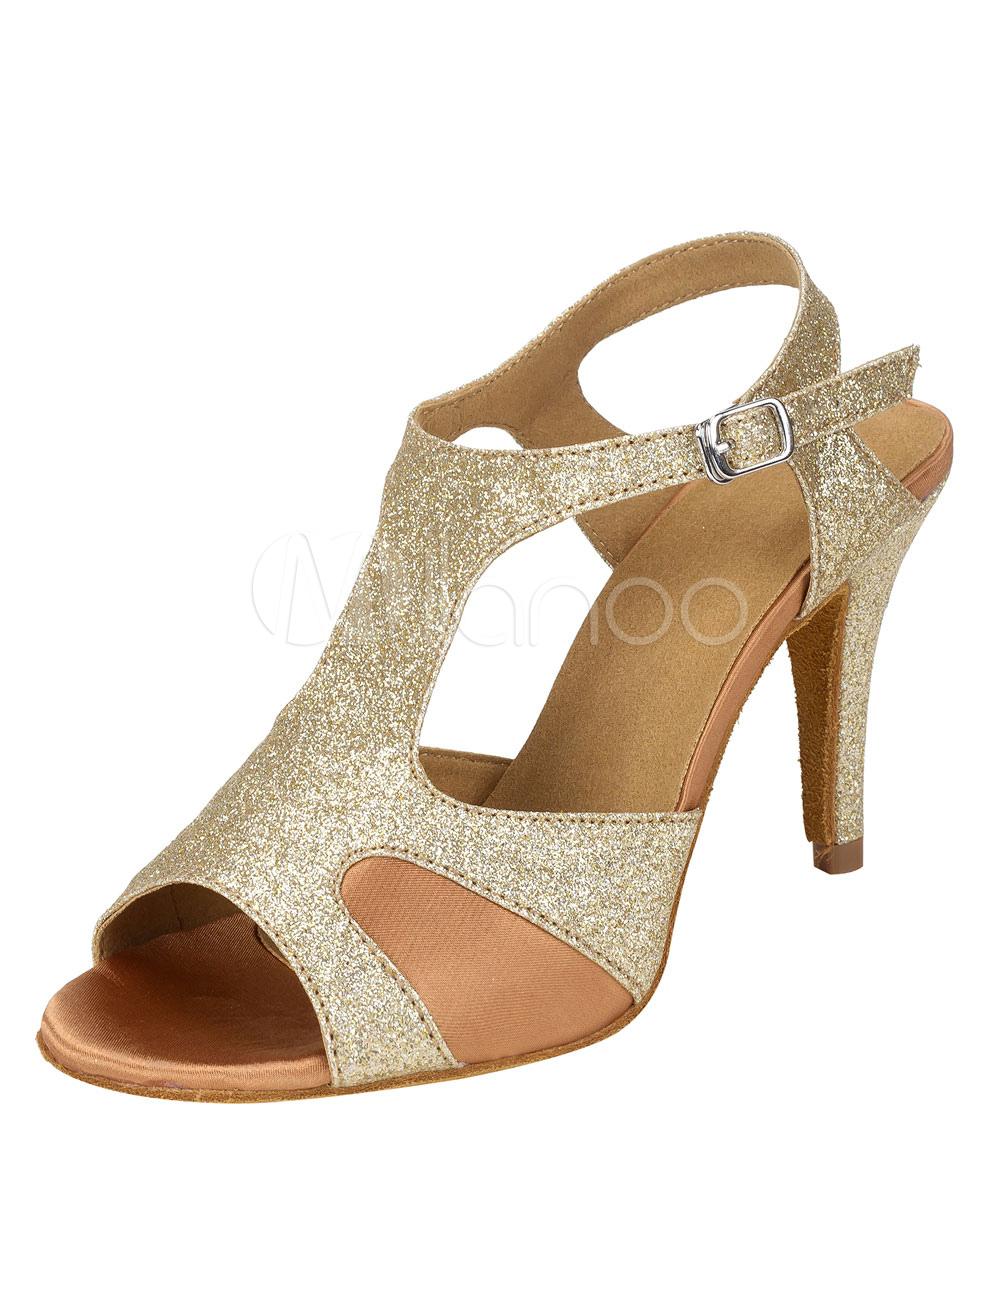 Zapatos de bailes latinos Tela-brillantes de tacón de stiletto para baile de punter Peep Toe dgOxUwK1W